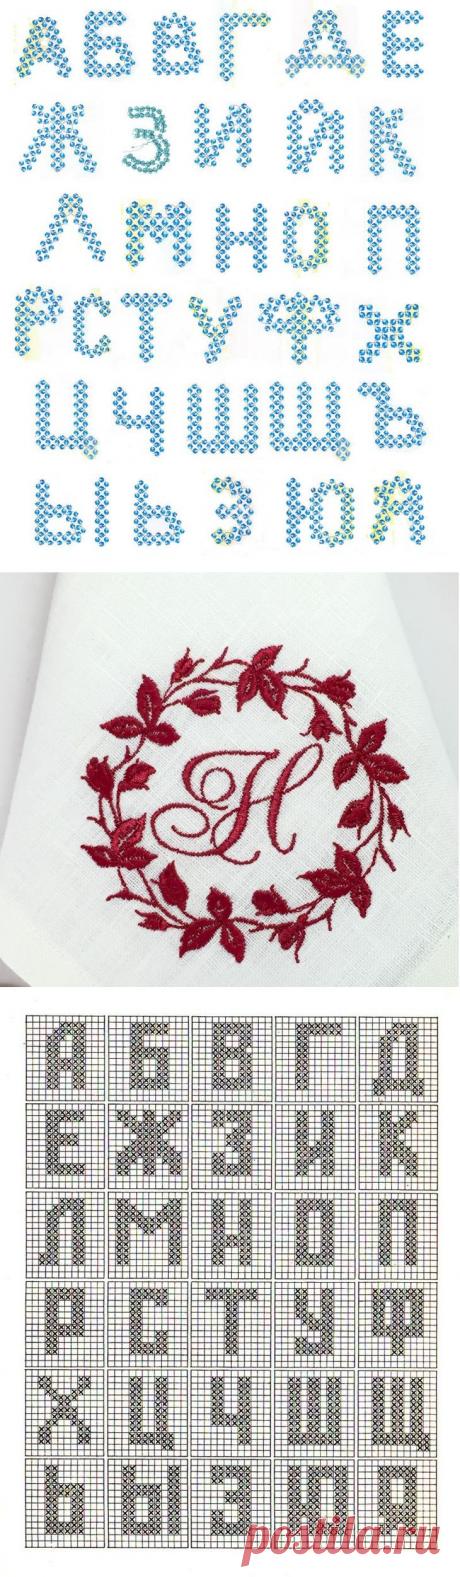 Как вышивать надписи на ткани красивыми буквами